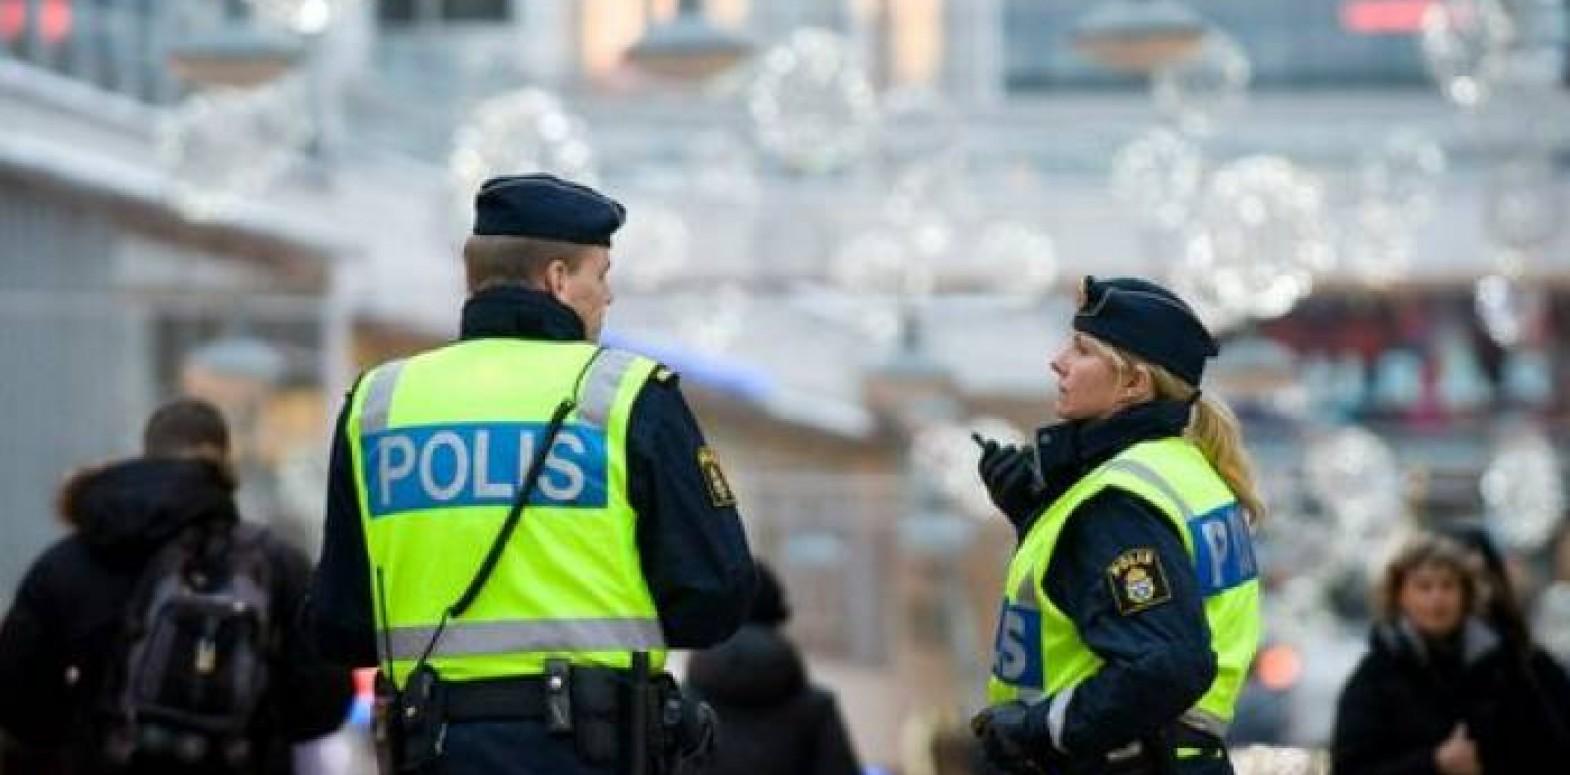 İsveç'in Suriyeli savaş suçlularını takip etmesi yeni mi? Daha önce bunu yaptı mı?